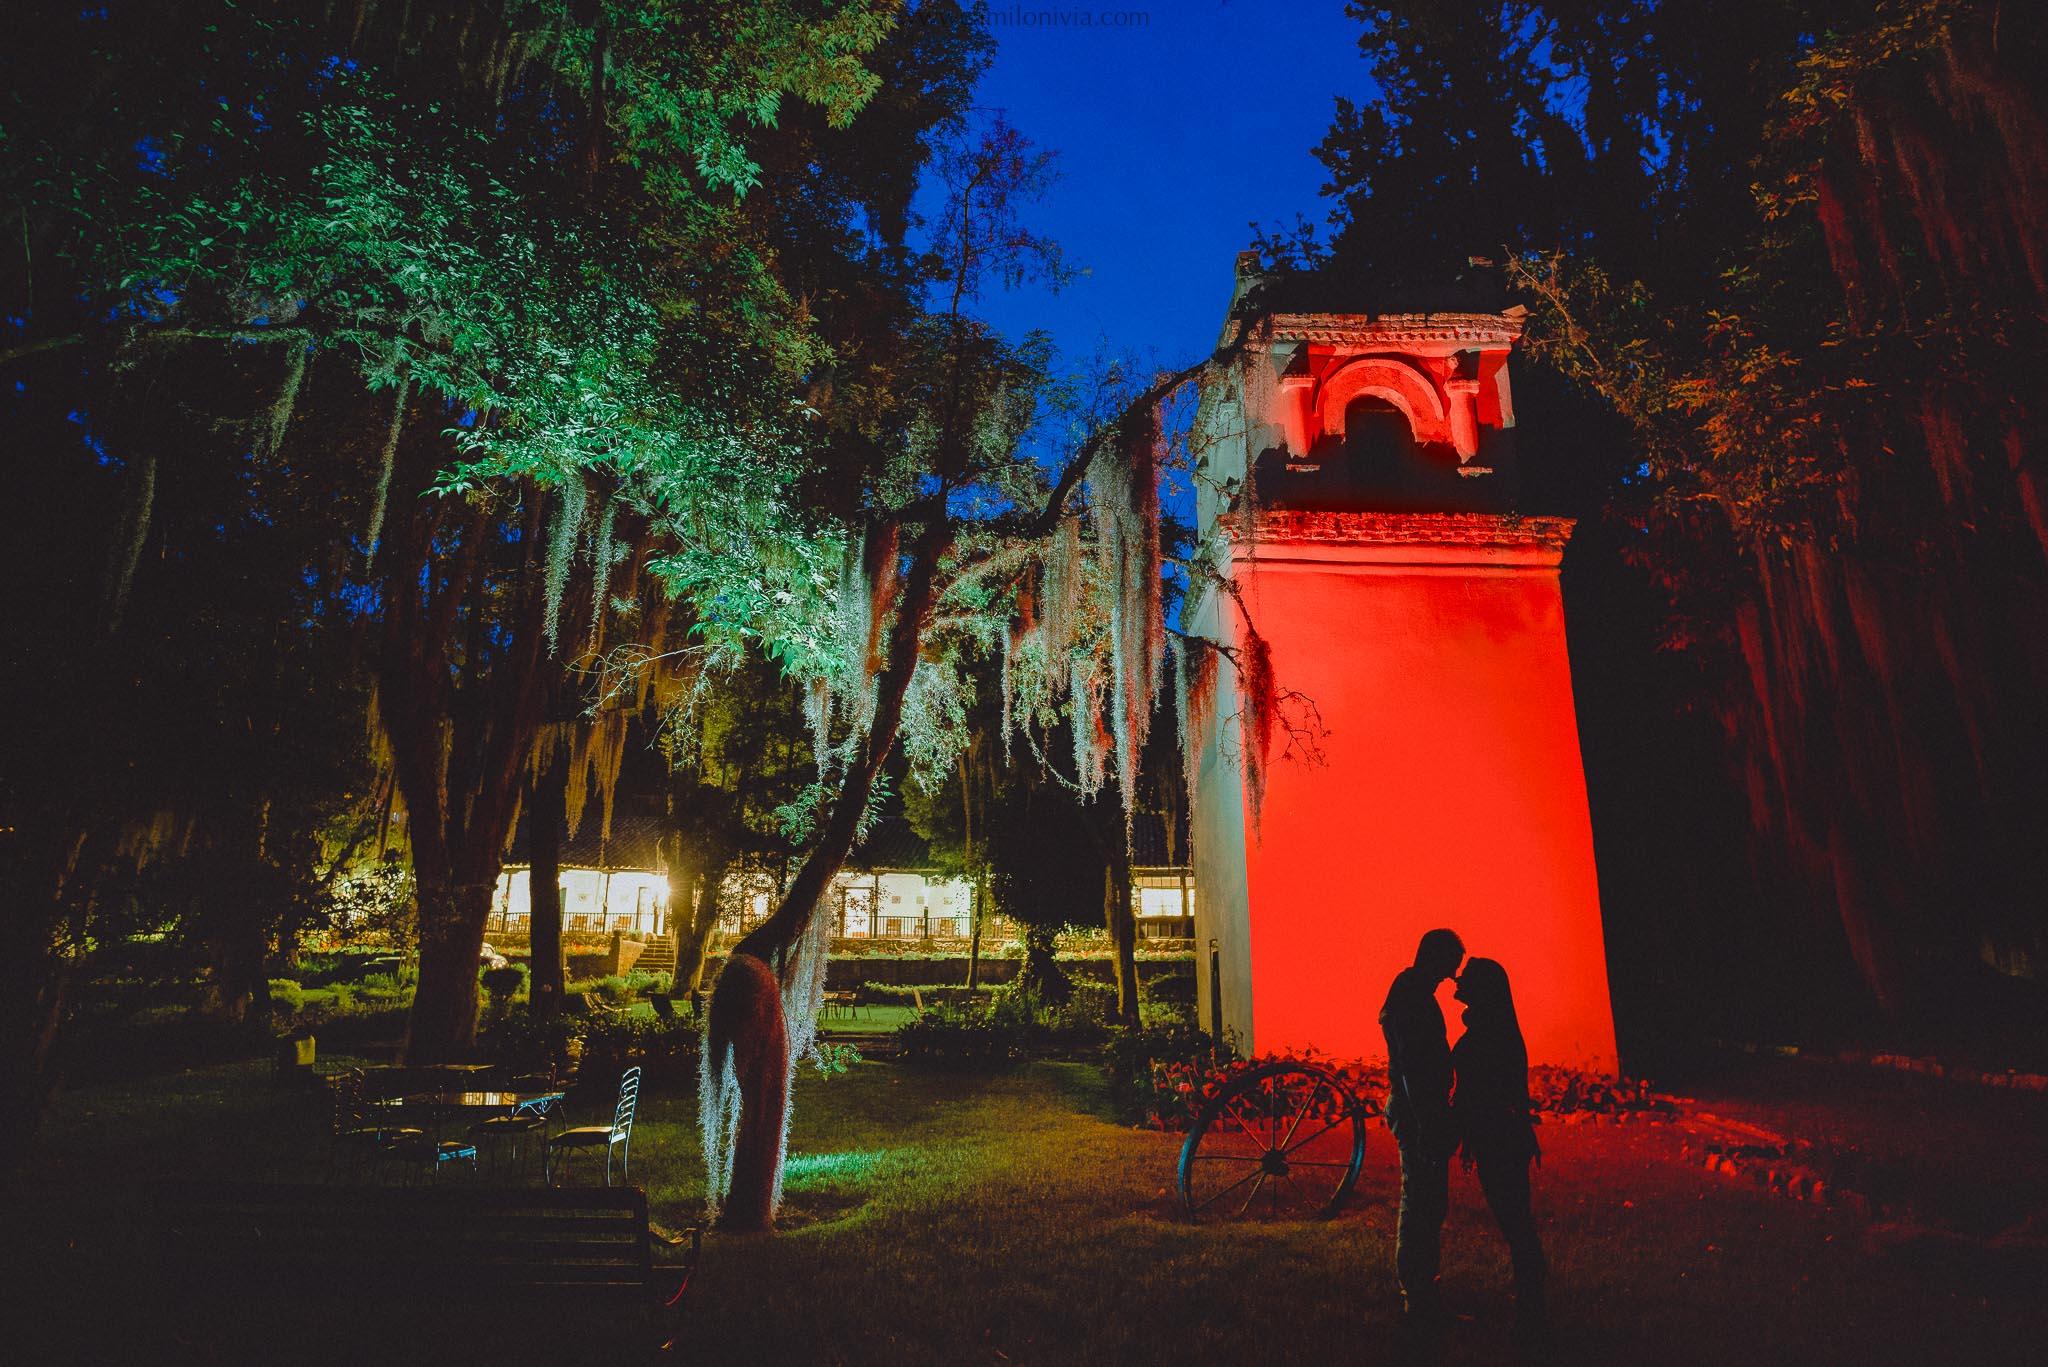 matrimonios en Boyacá, preboda, páramo, laguna, ocetá, casona, salitre, boda, fotógrafo, fotos, aventura, pareja, sesión-2